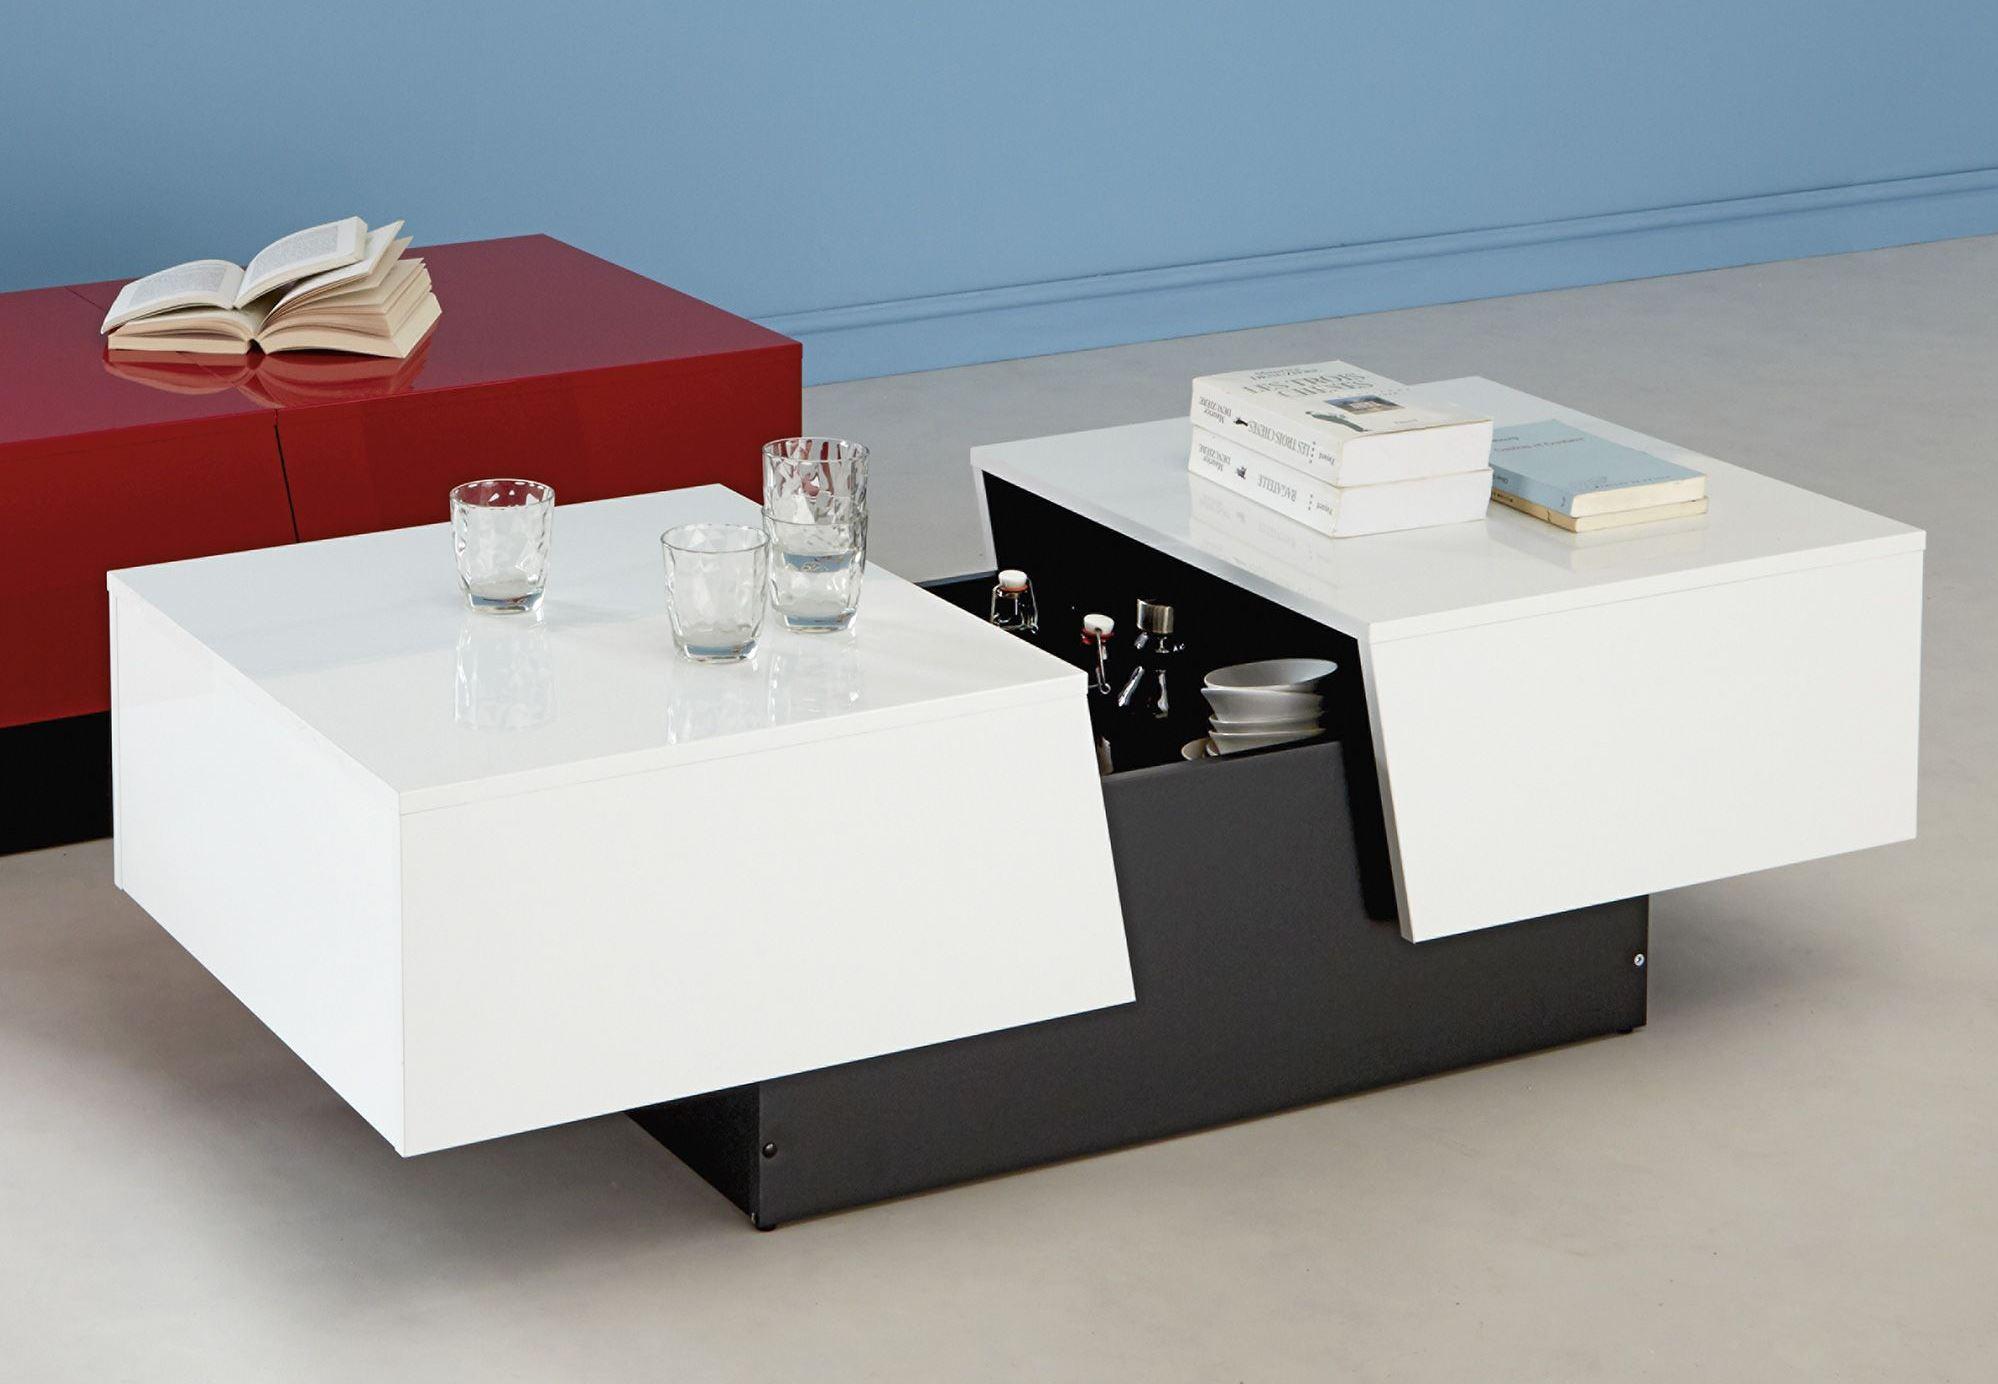 Basse Rangement De Et Meuble Maison Table Coffre Avec Lk1tfcj